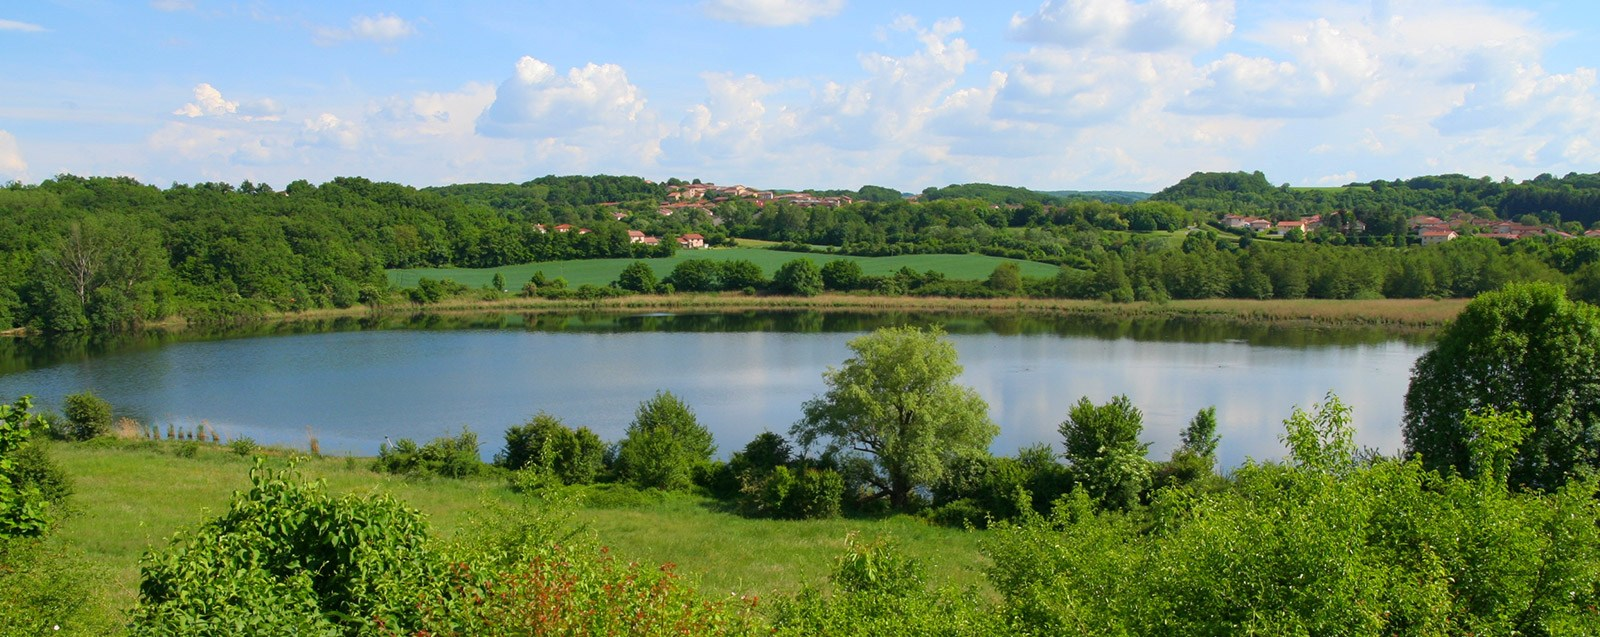 Réserve naturelle de Saint Bonnet, Villefontaine